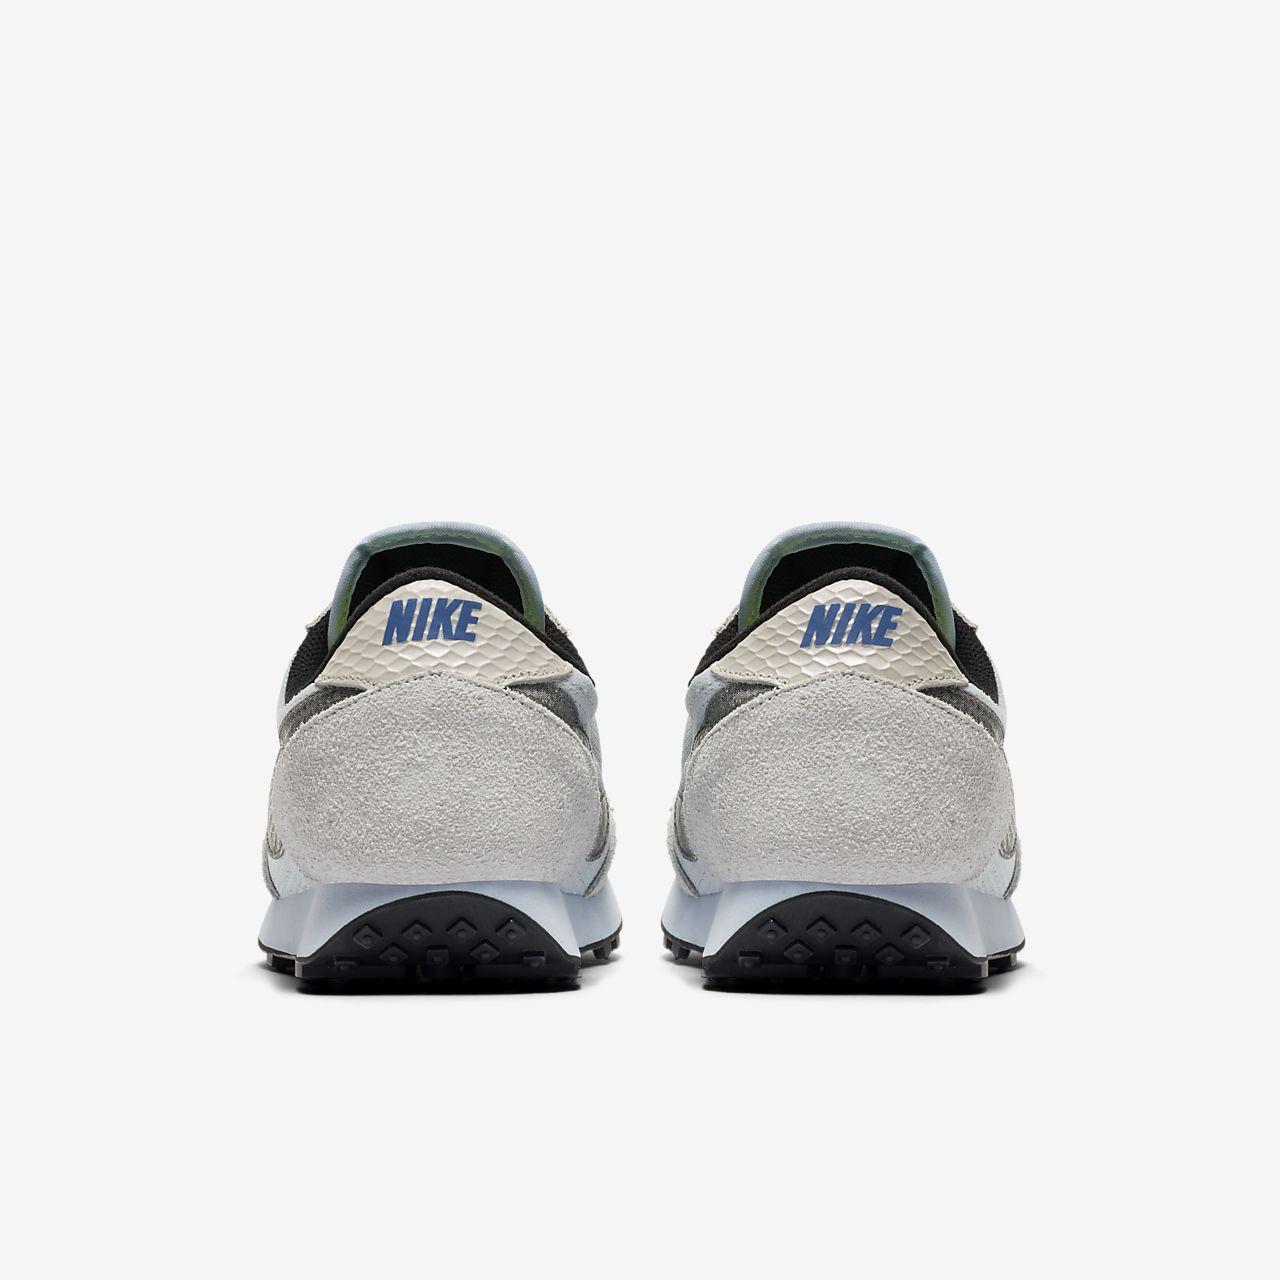 Keresés Címke nike cipő